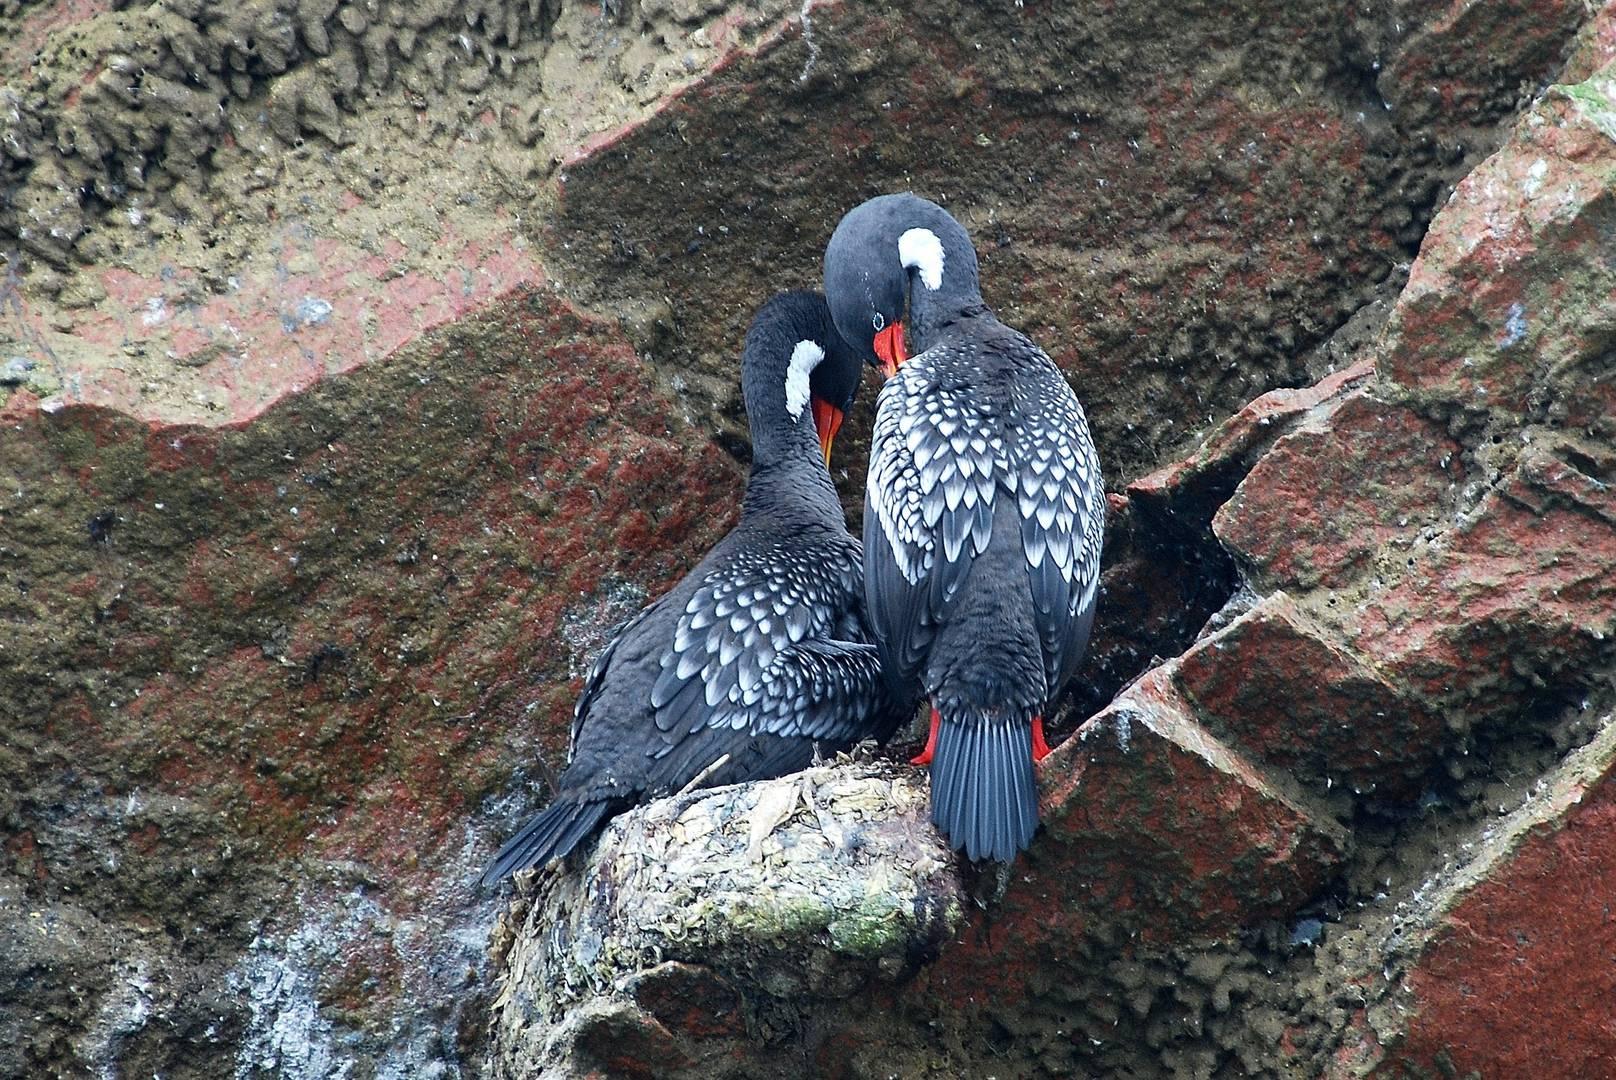 deux fous amoureux sur l'île Ballestas - Pacific - Pérou